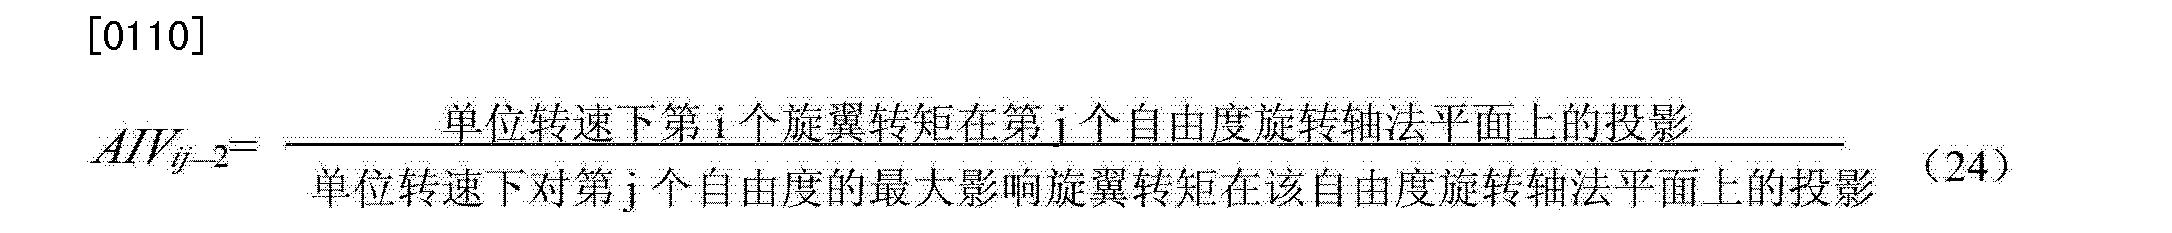 Figure CN102340113BD00112